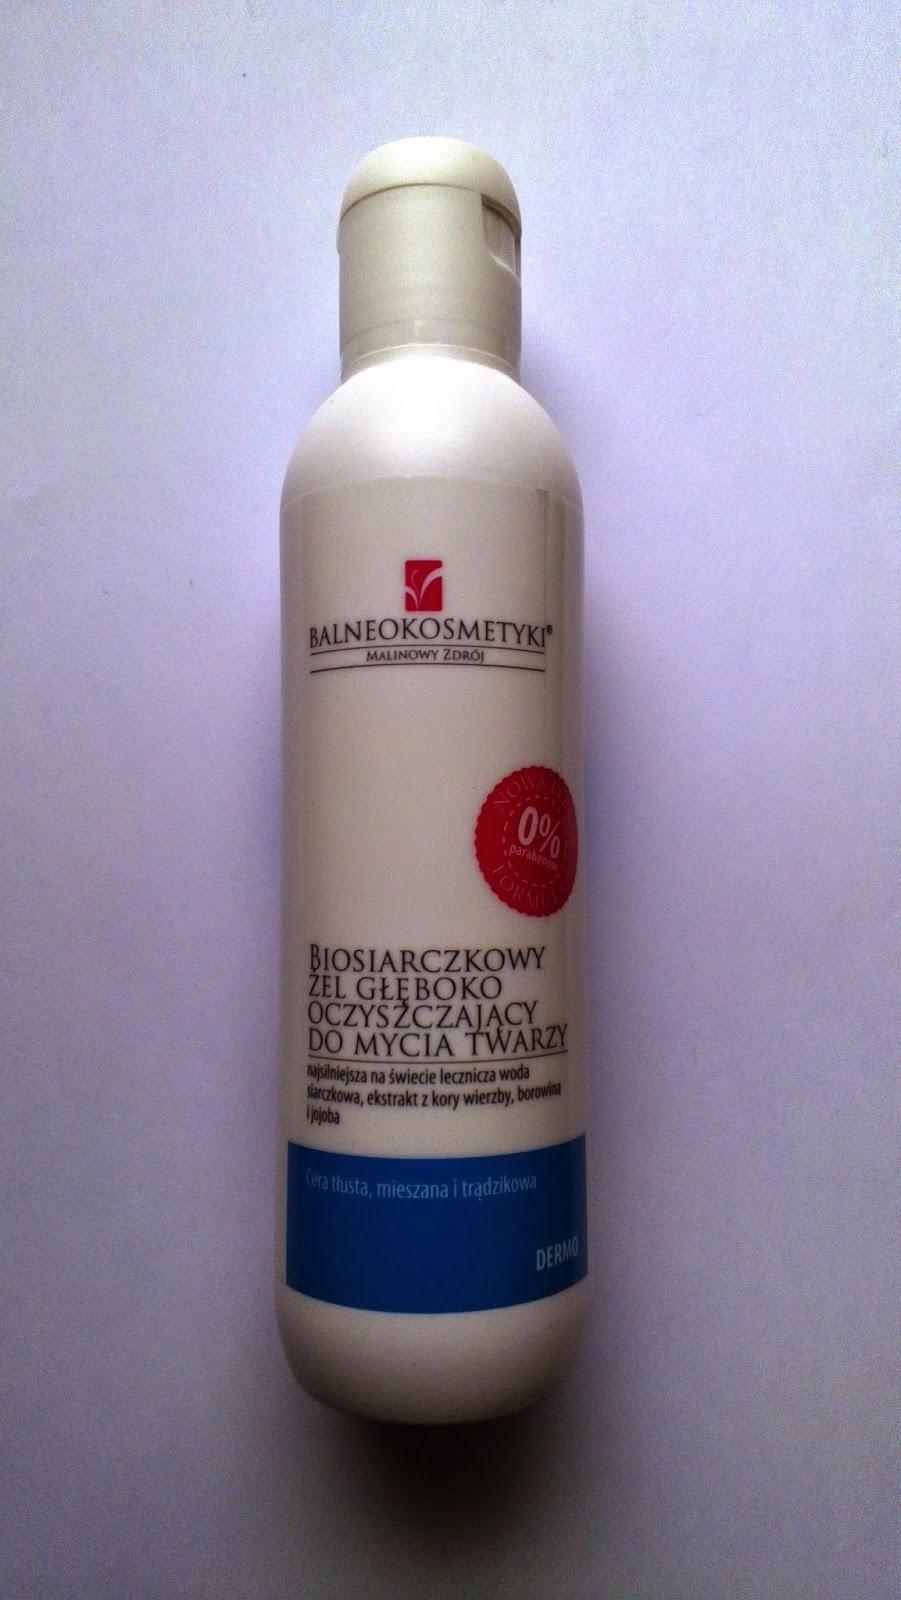 Balneokosmetyki - Biosiarczkowy żel głęboko oczyszczający do mycia twarzy